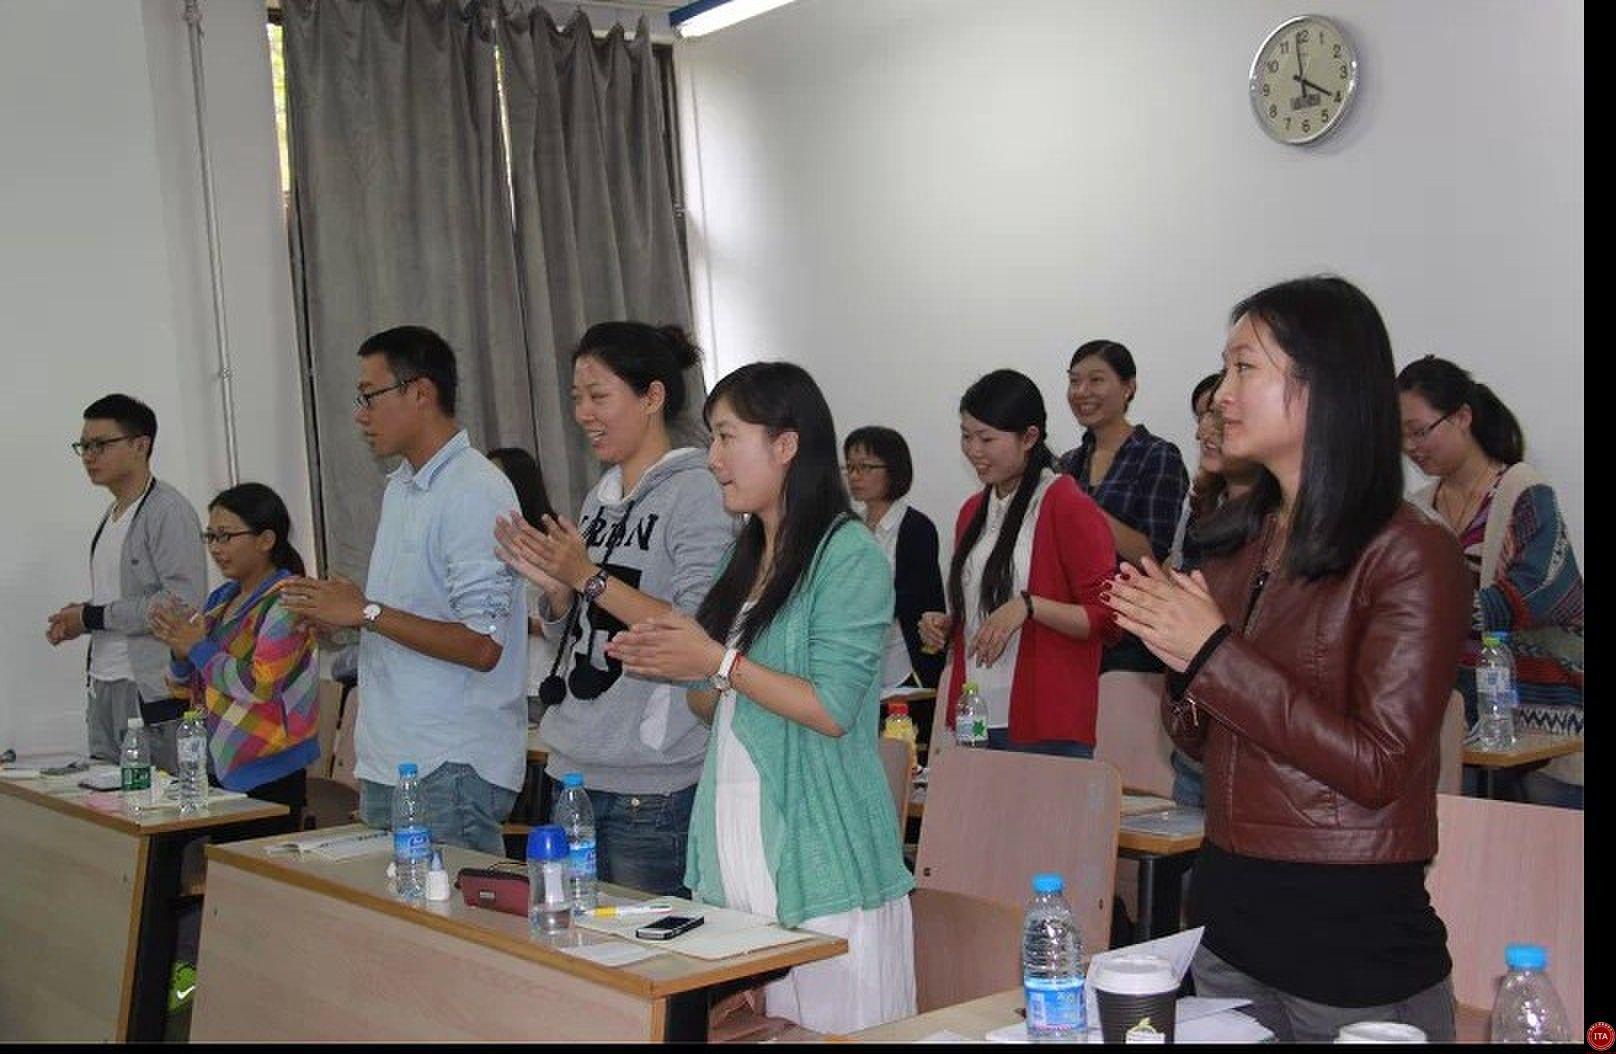 ITA国际汉语教师协会学员在马来西亚培训